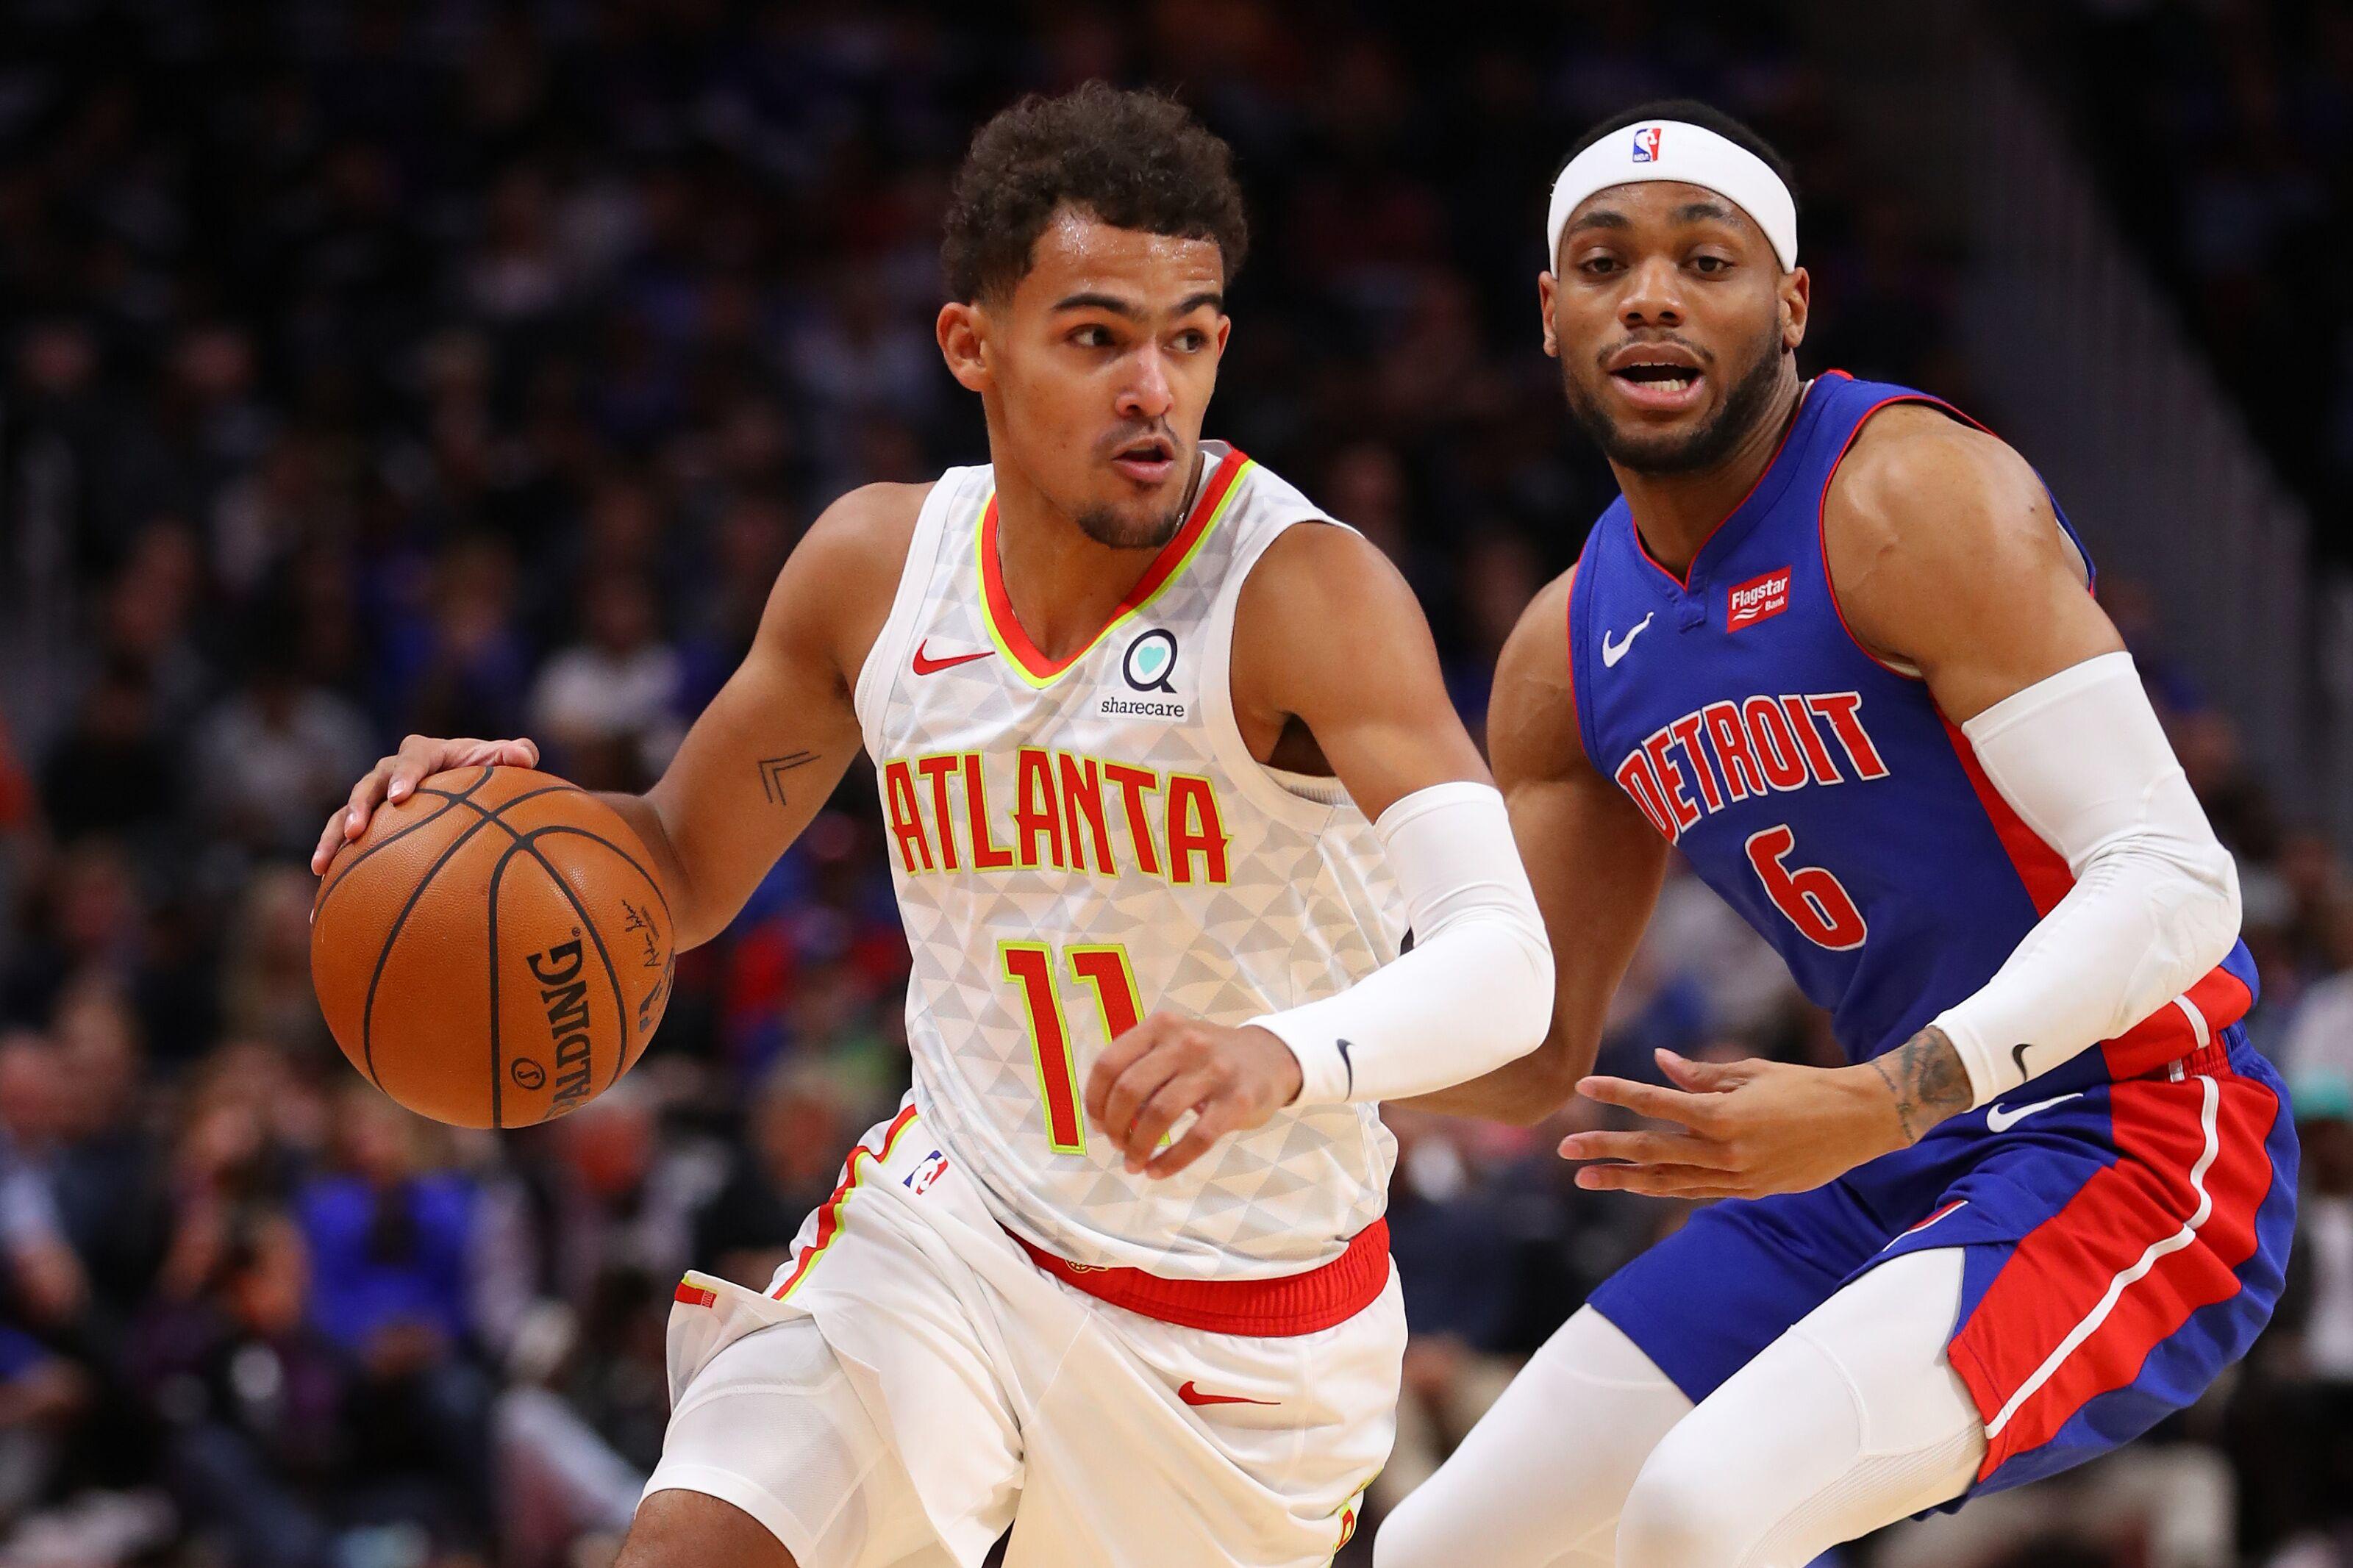 Rapid Reaction: Atlanta Hawks 117, Detroit Pistons 100